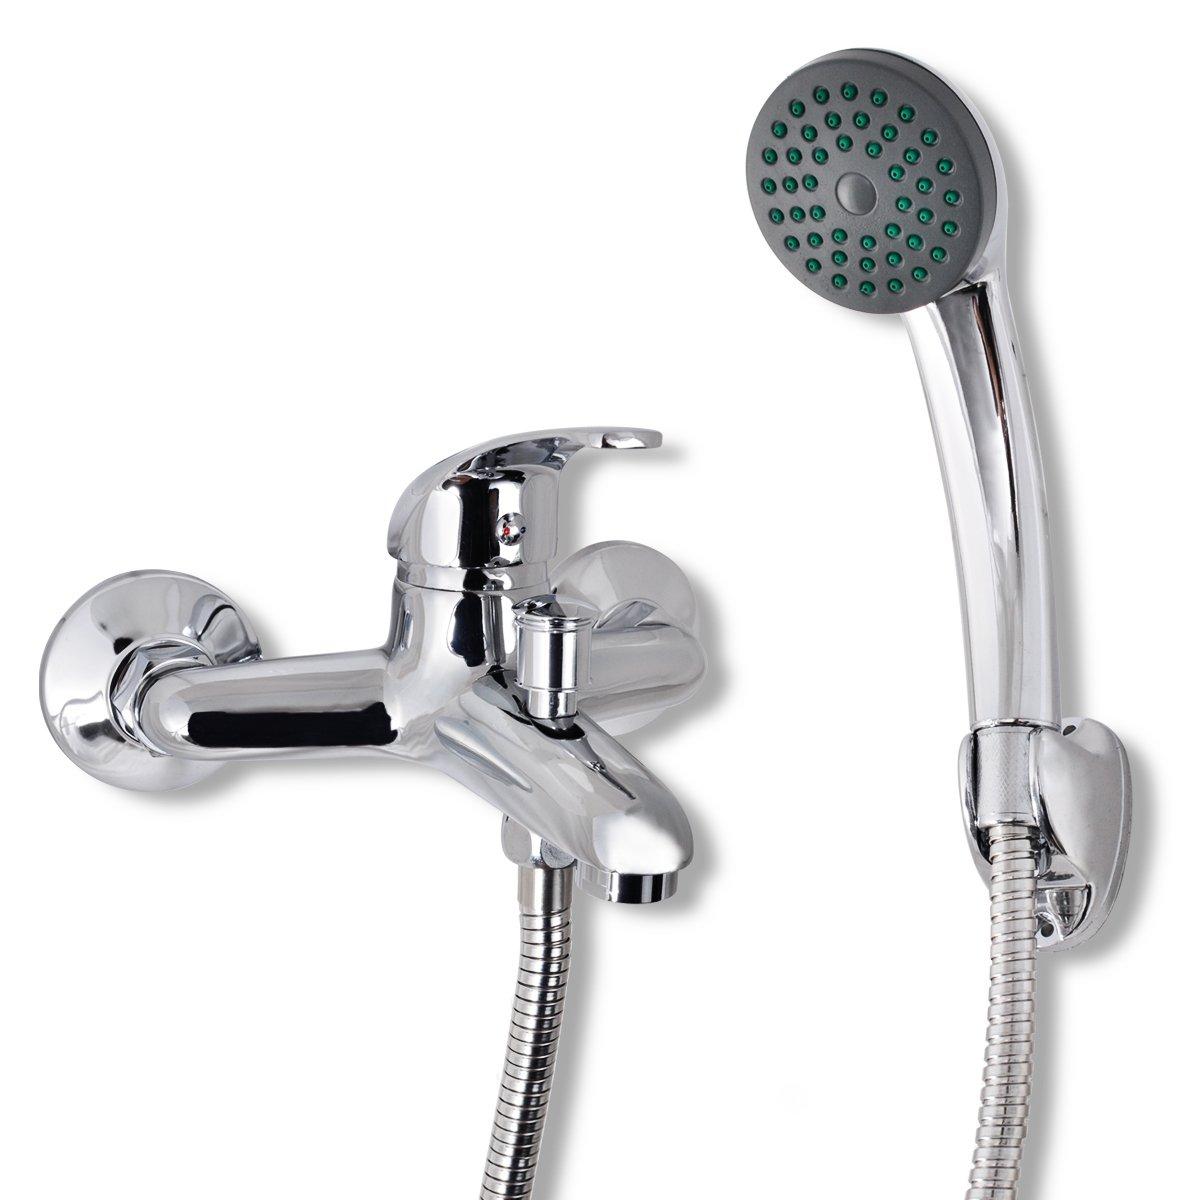 vidaXL Badewannenarmatur mit Handbrause Chrom 1, 5m Einhebelmischer Wasserhahn